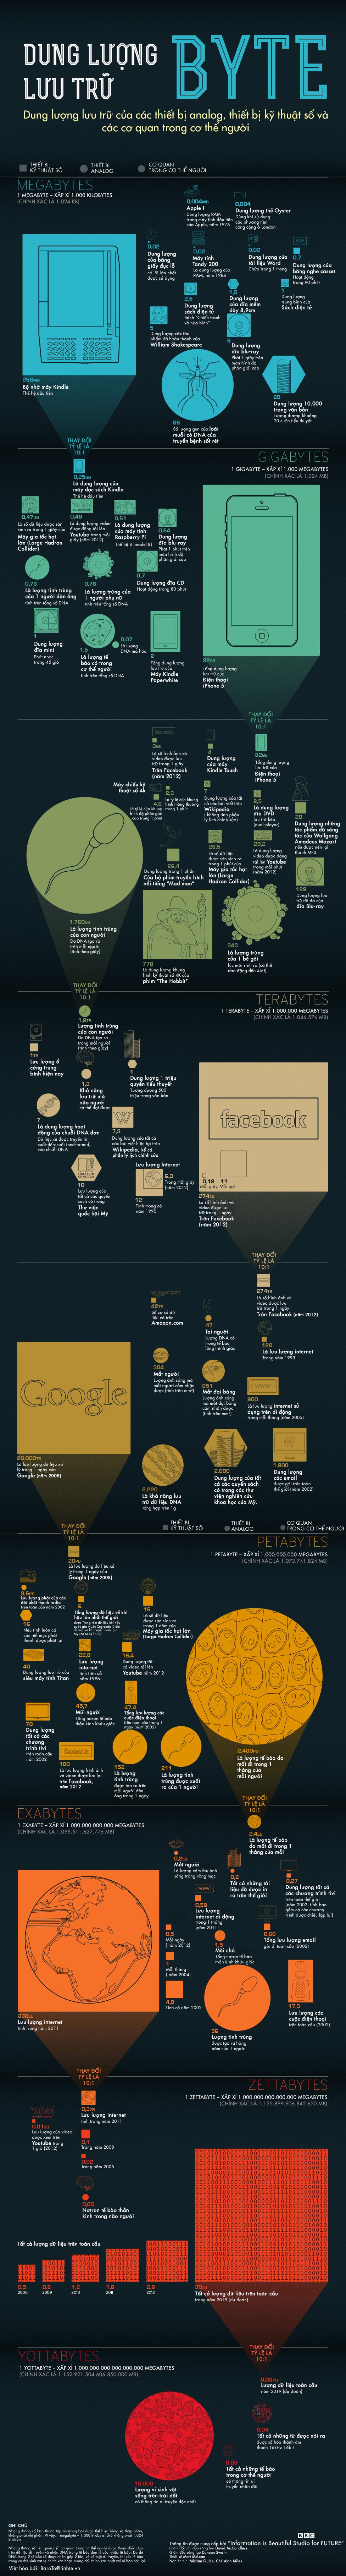 Infographic - Các đơn vị lưu trữ dữ liệu trong thời đại kỹ thuật số